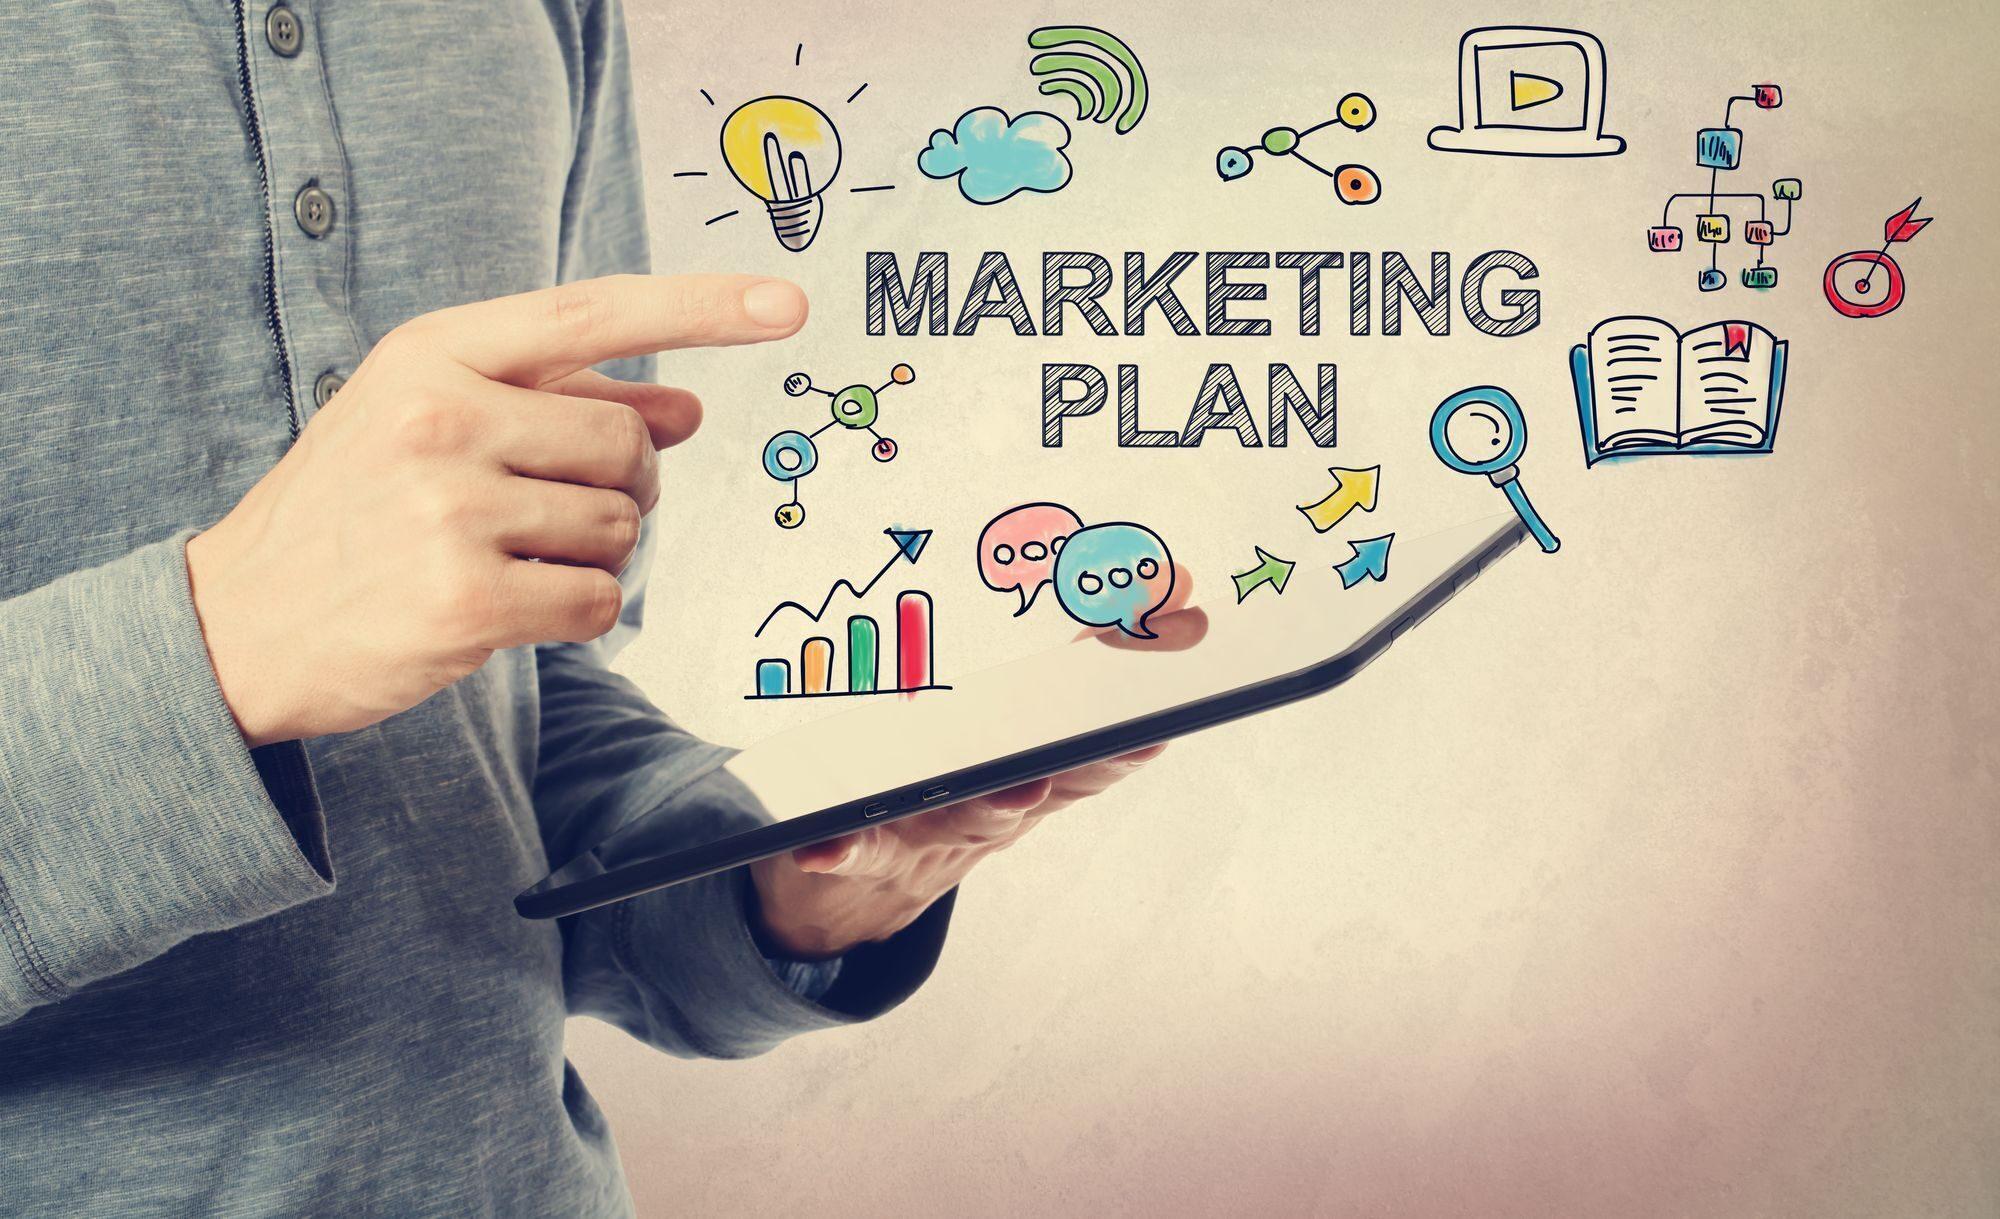 План маркетинга картинки